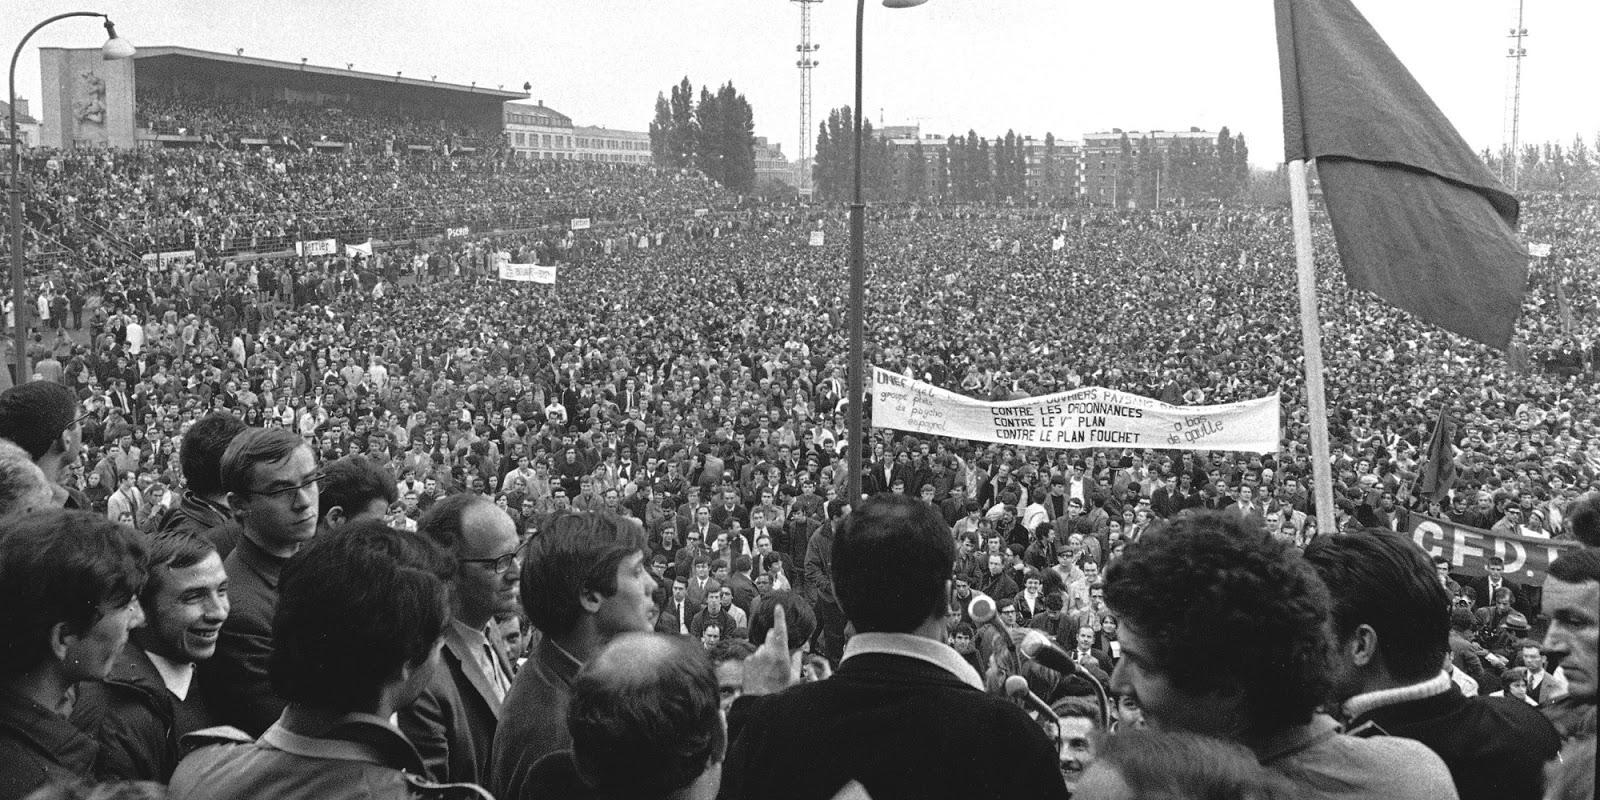 Mayo francés: de movimiento estudiantil a protesta social